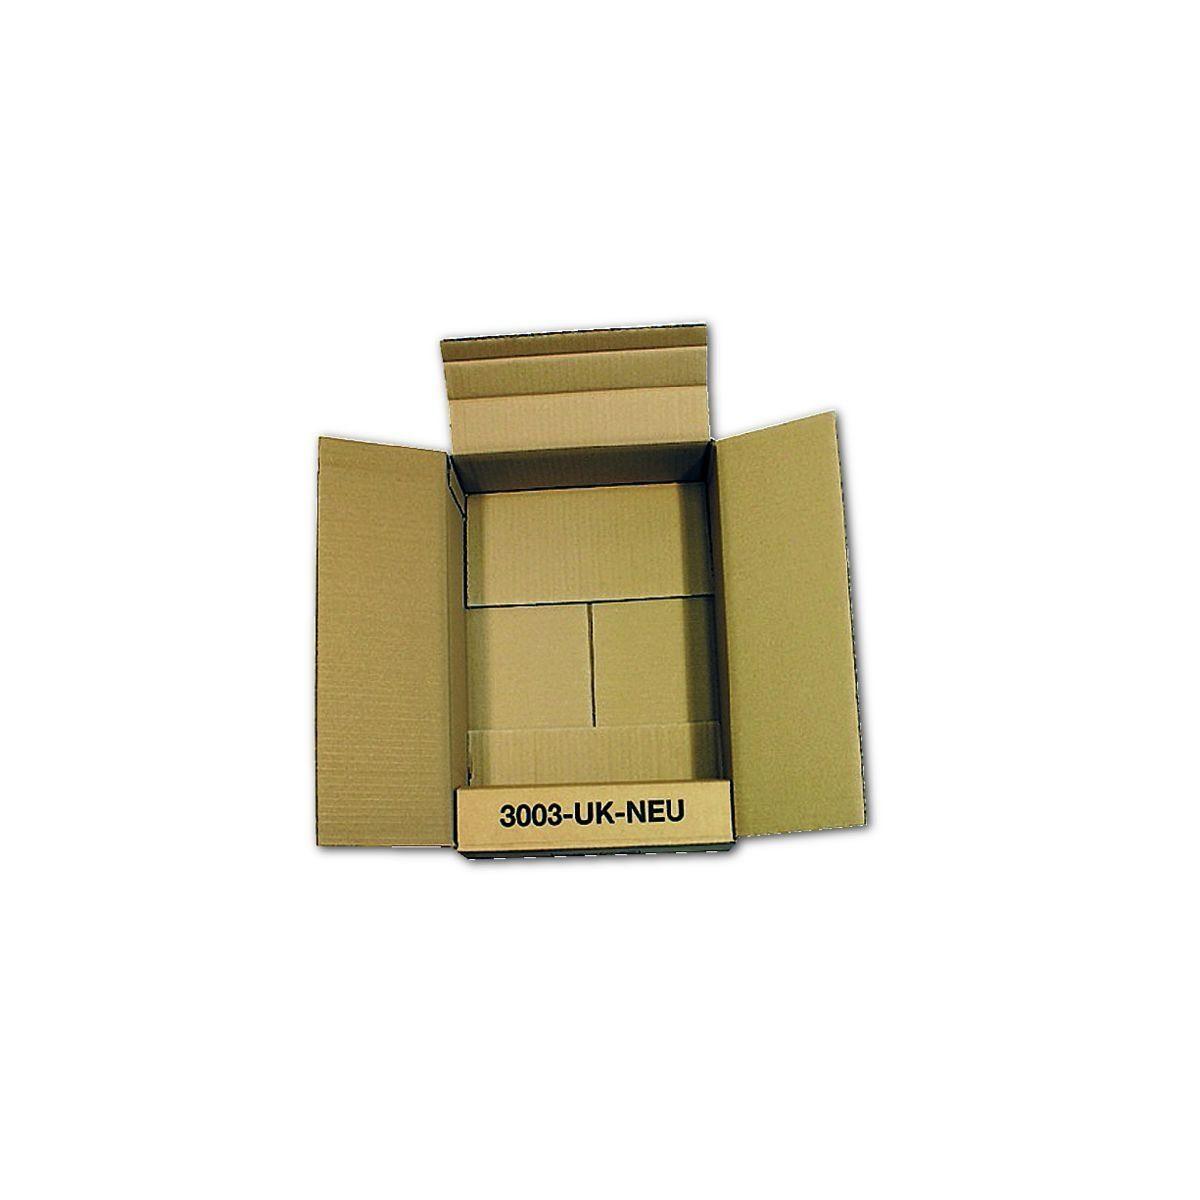 KEINE MARKE 5 Flaschen-Versandkartons